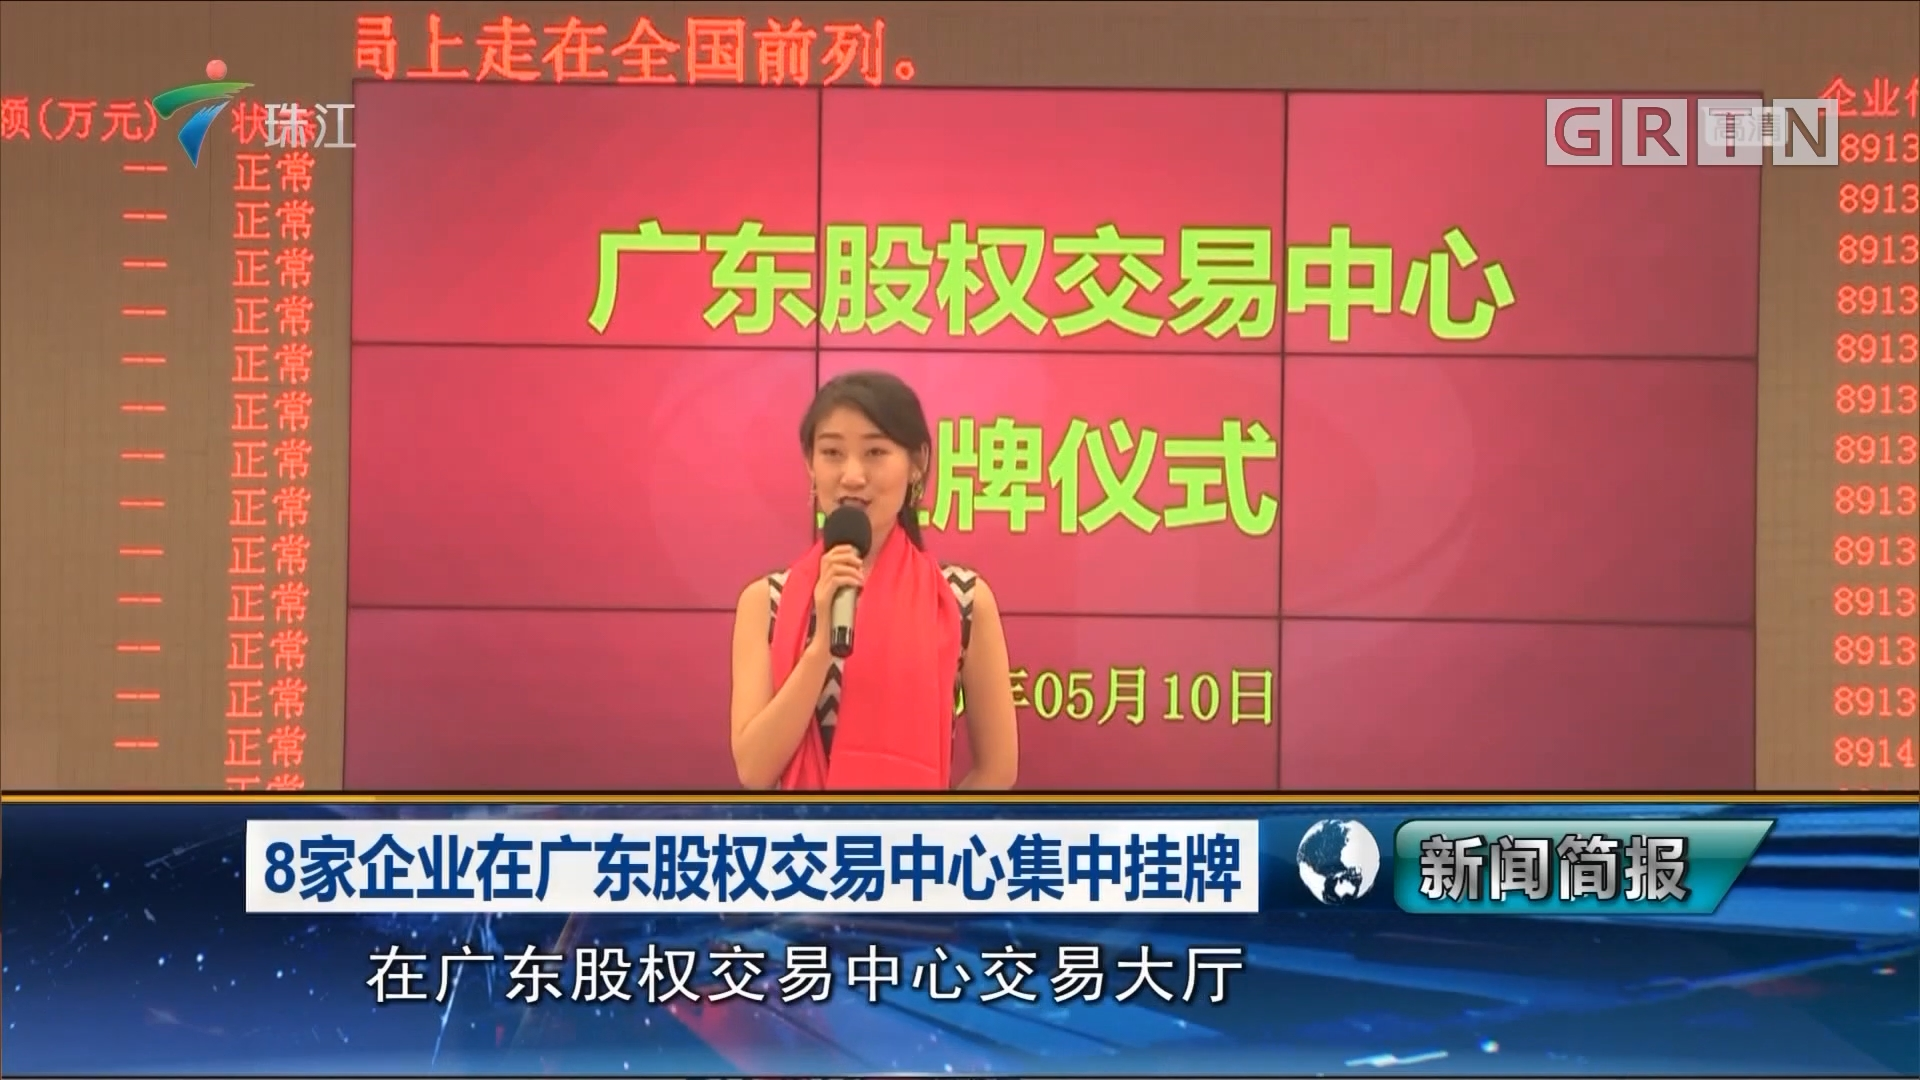 8家企业在广东股权交易中心集中挂牌